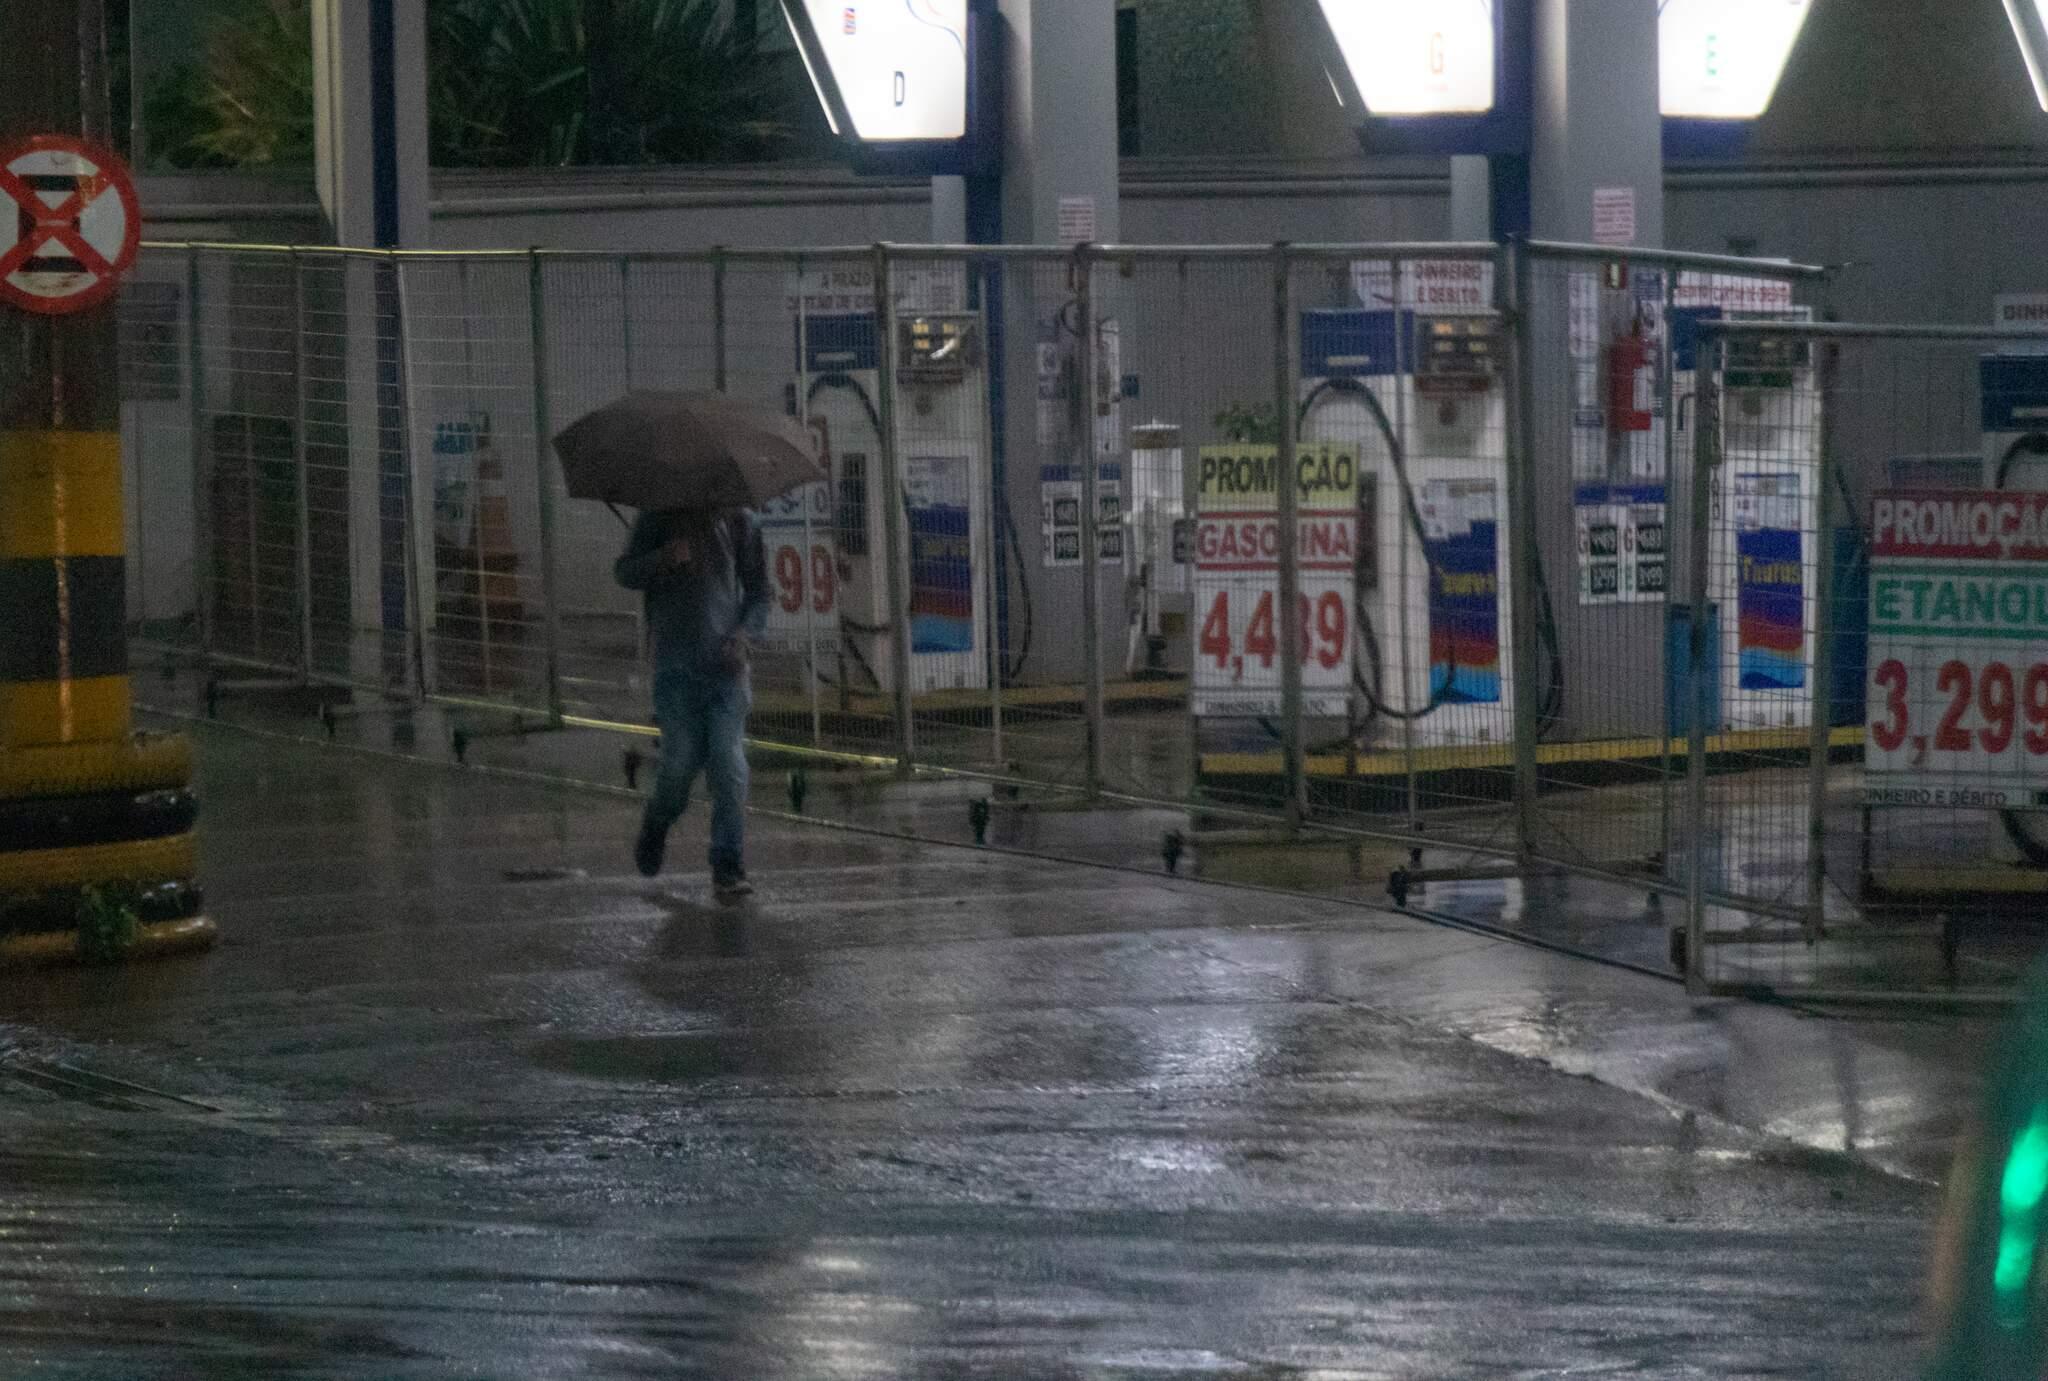 Pedestre caminhando em meio a enxurrada na região central de Campo Grande, nesta manhã (Foto: Henrique Kawaminami)